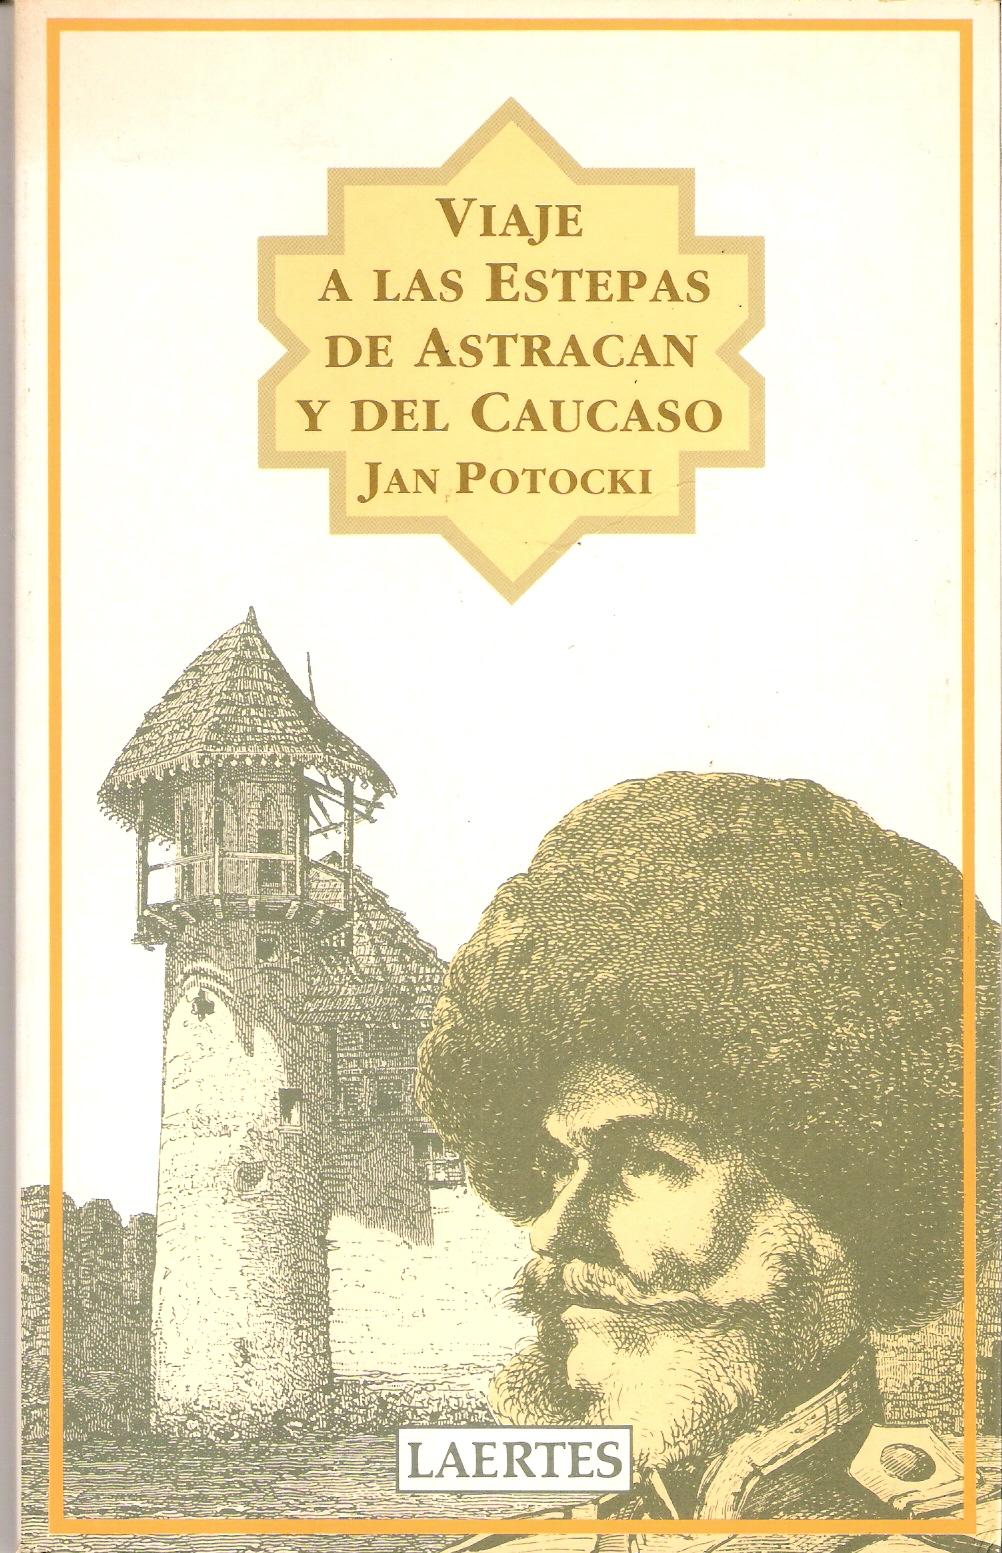 Viaje a las estepas de Astracán y del Cáucaso